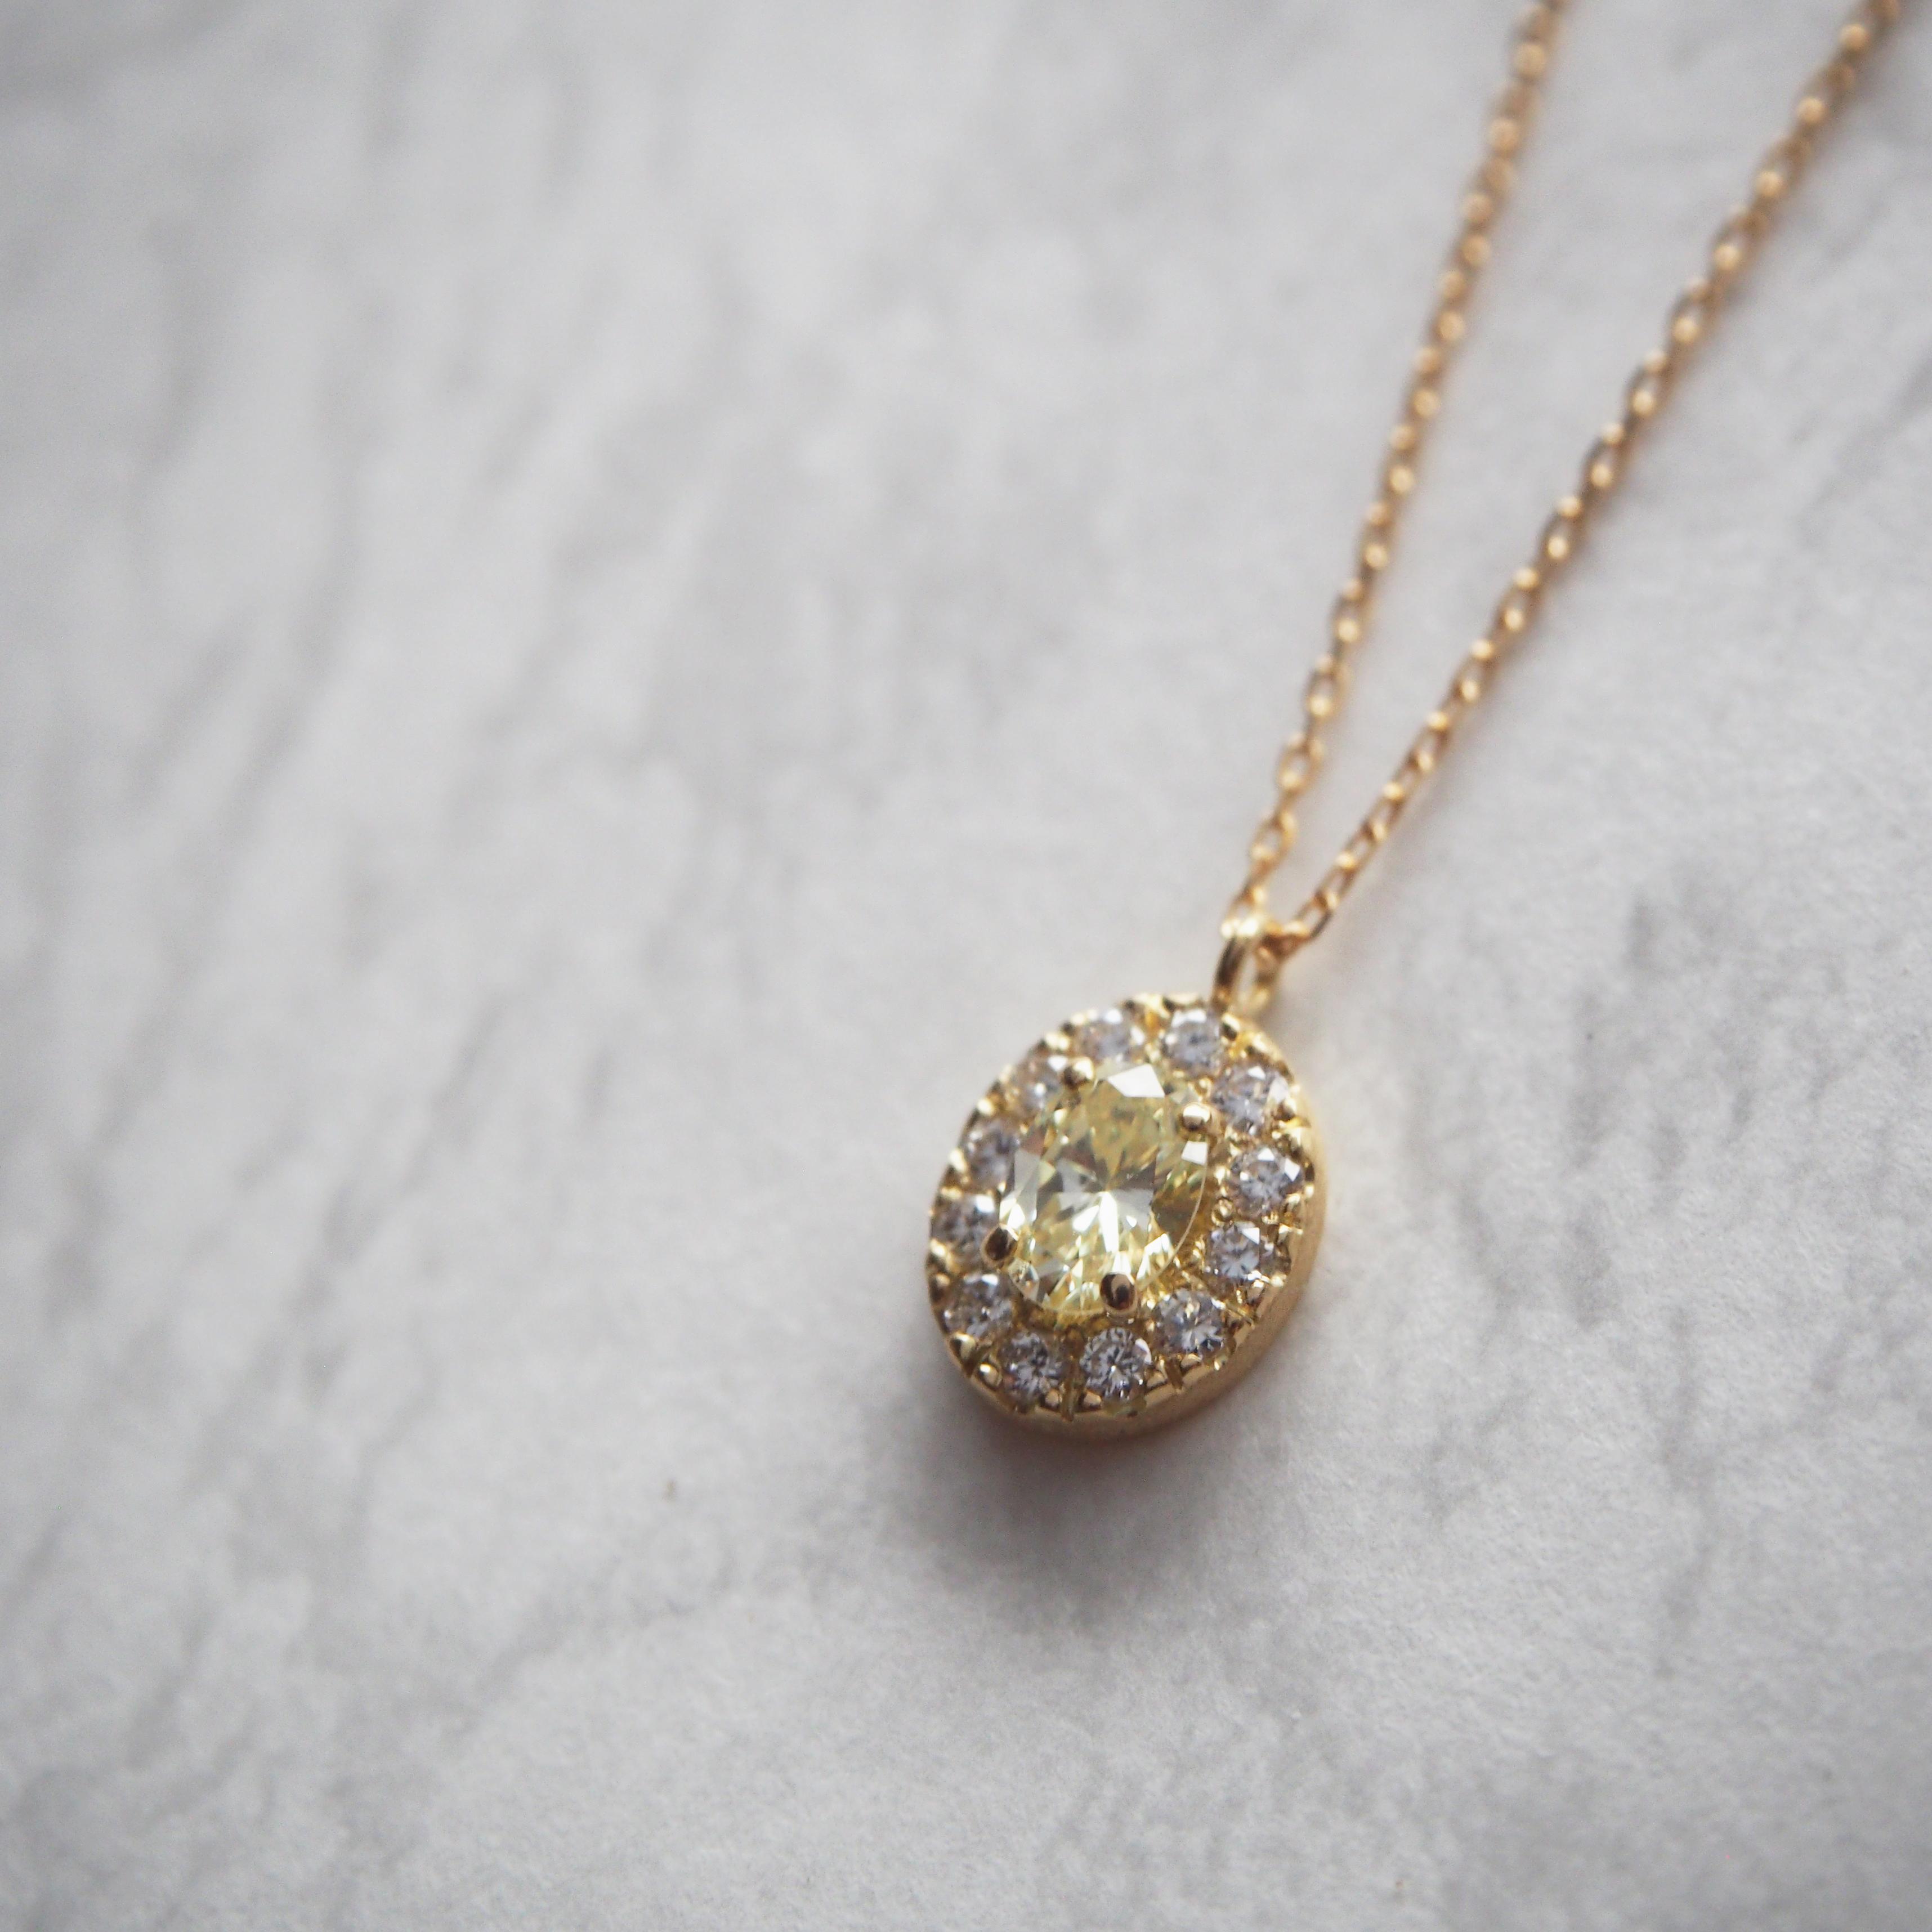 オーバルカットダイヤモンドのペンダント